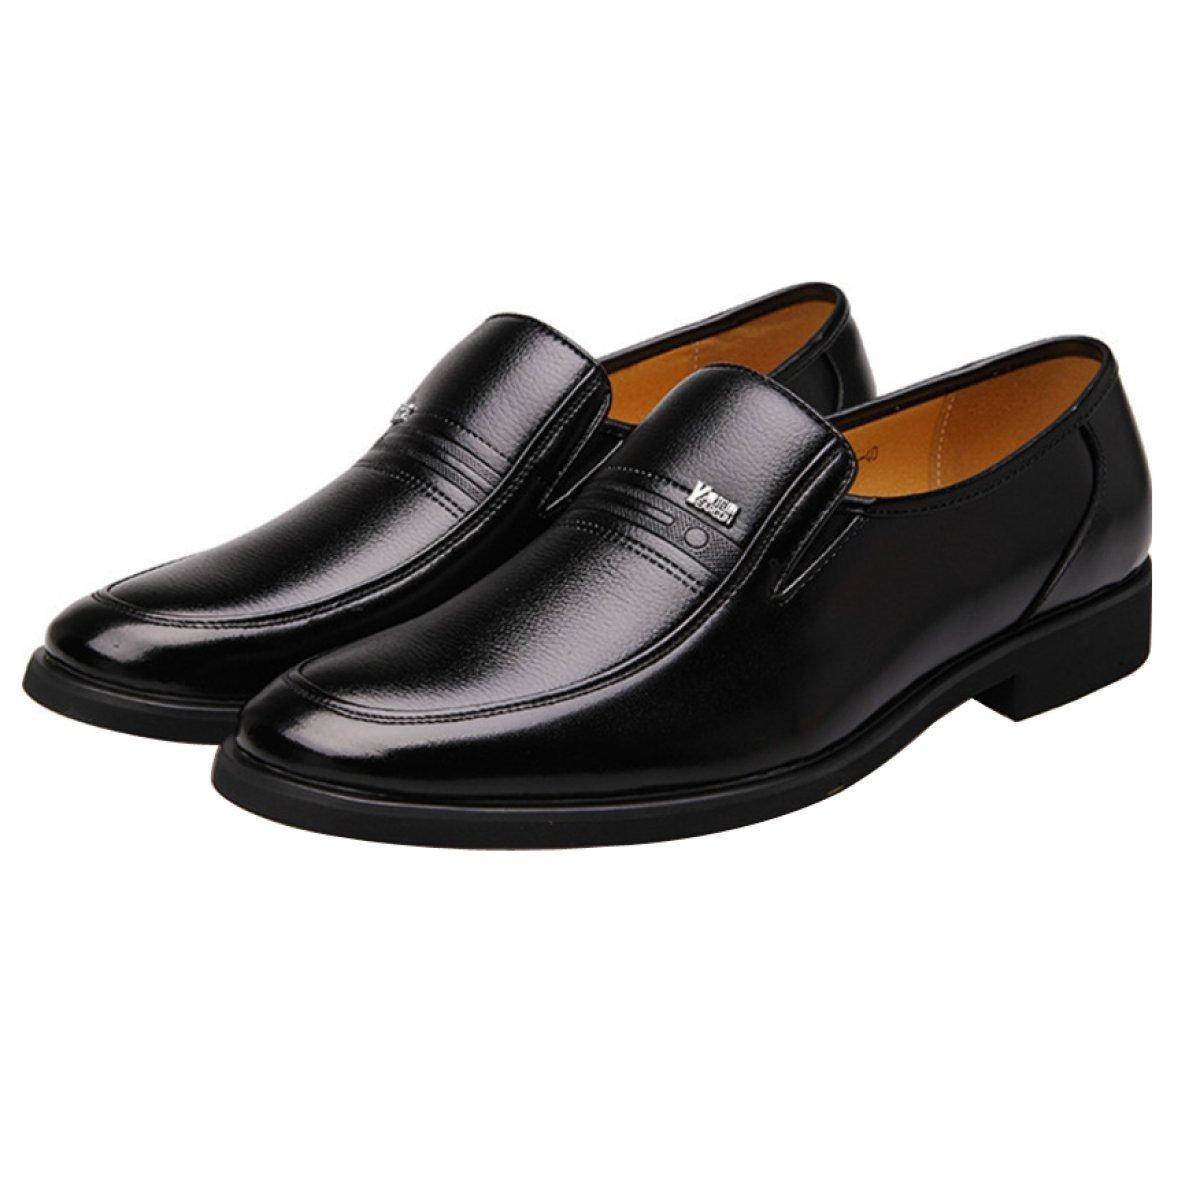 Trajes De Negocios De Los Hombres Zapatos Diarios GTYMFHcompany